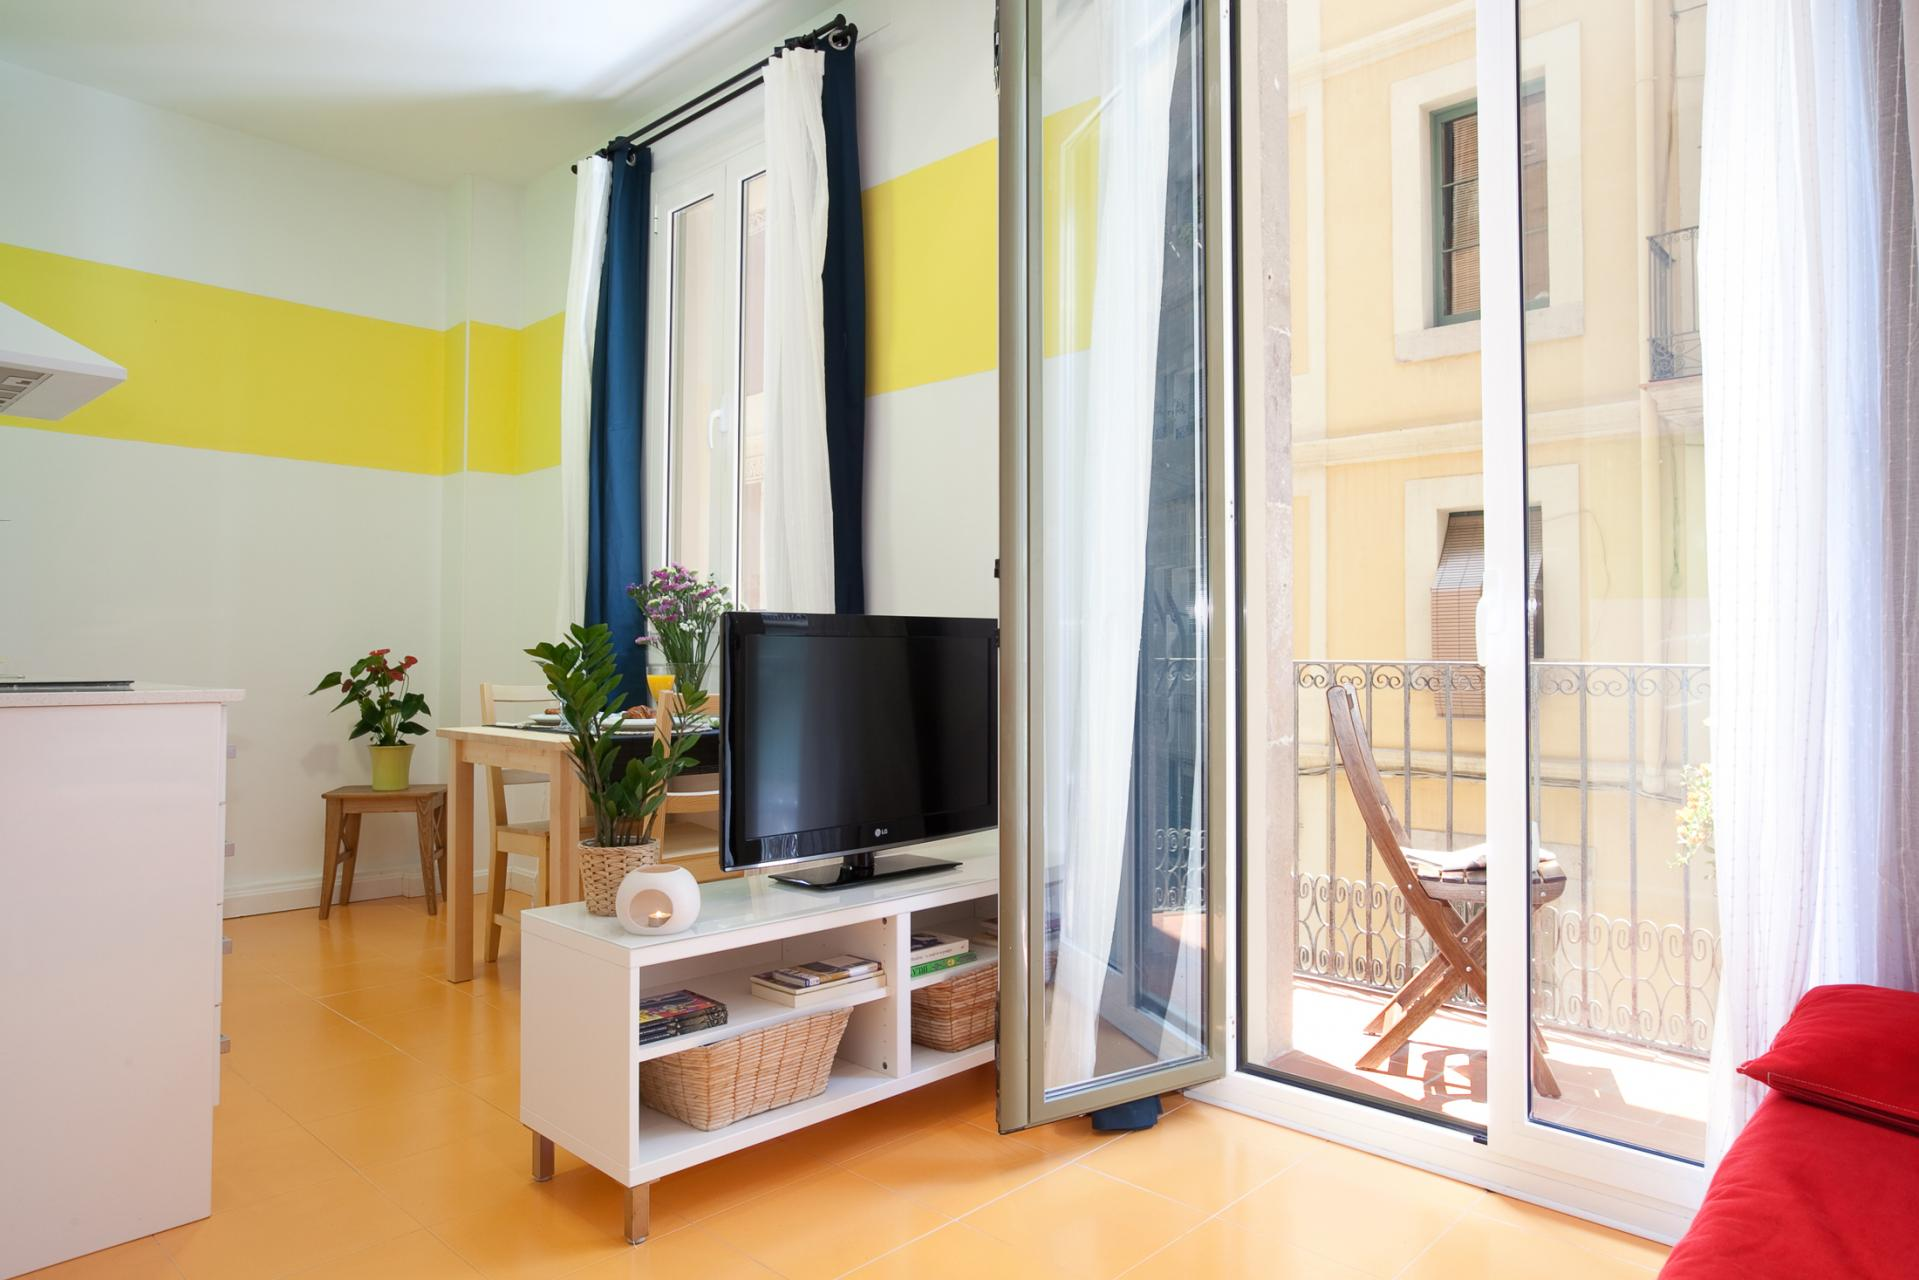 Sbarcelona piso en alquiler por meses cerca de la playa - Alquiler piso por meses barcelona ...